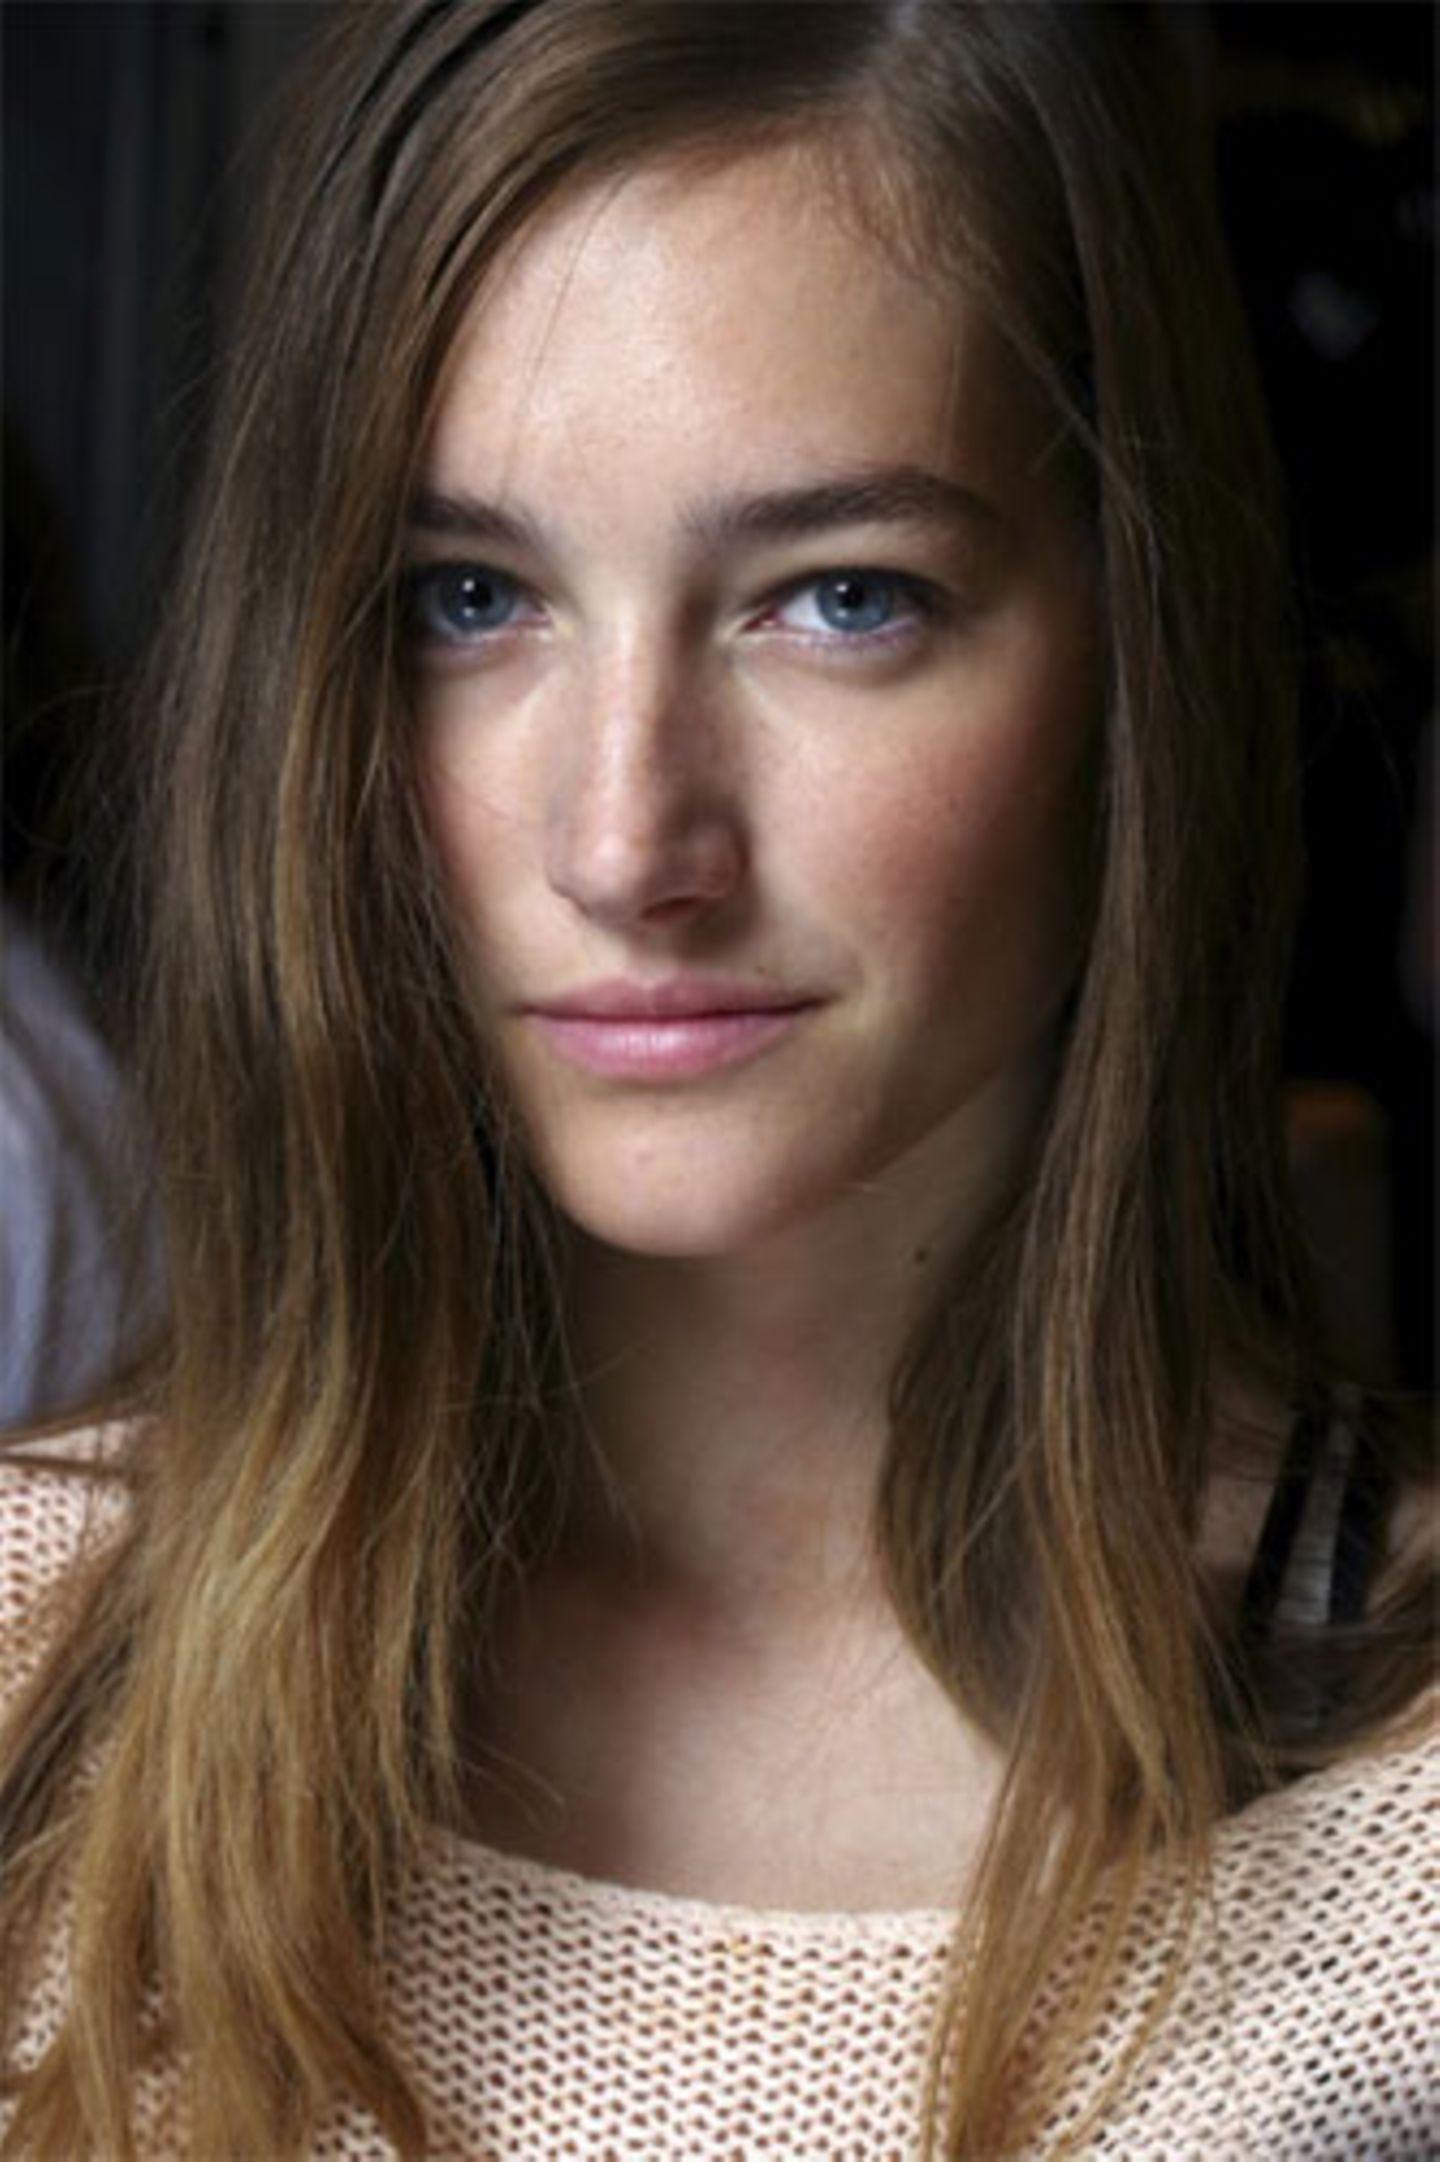 Frisuren für lange Haare - die schönsten Looks